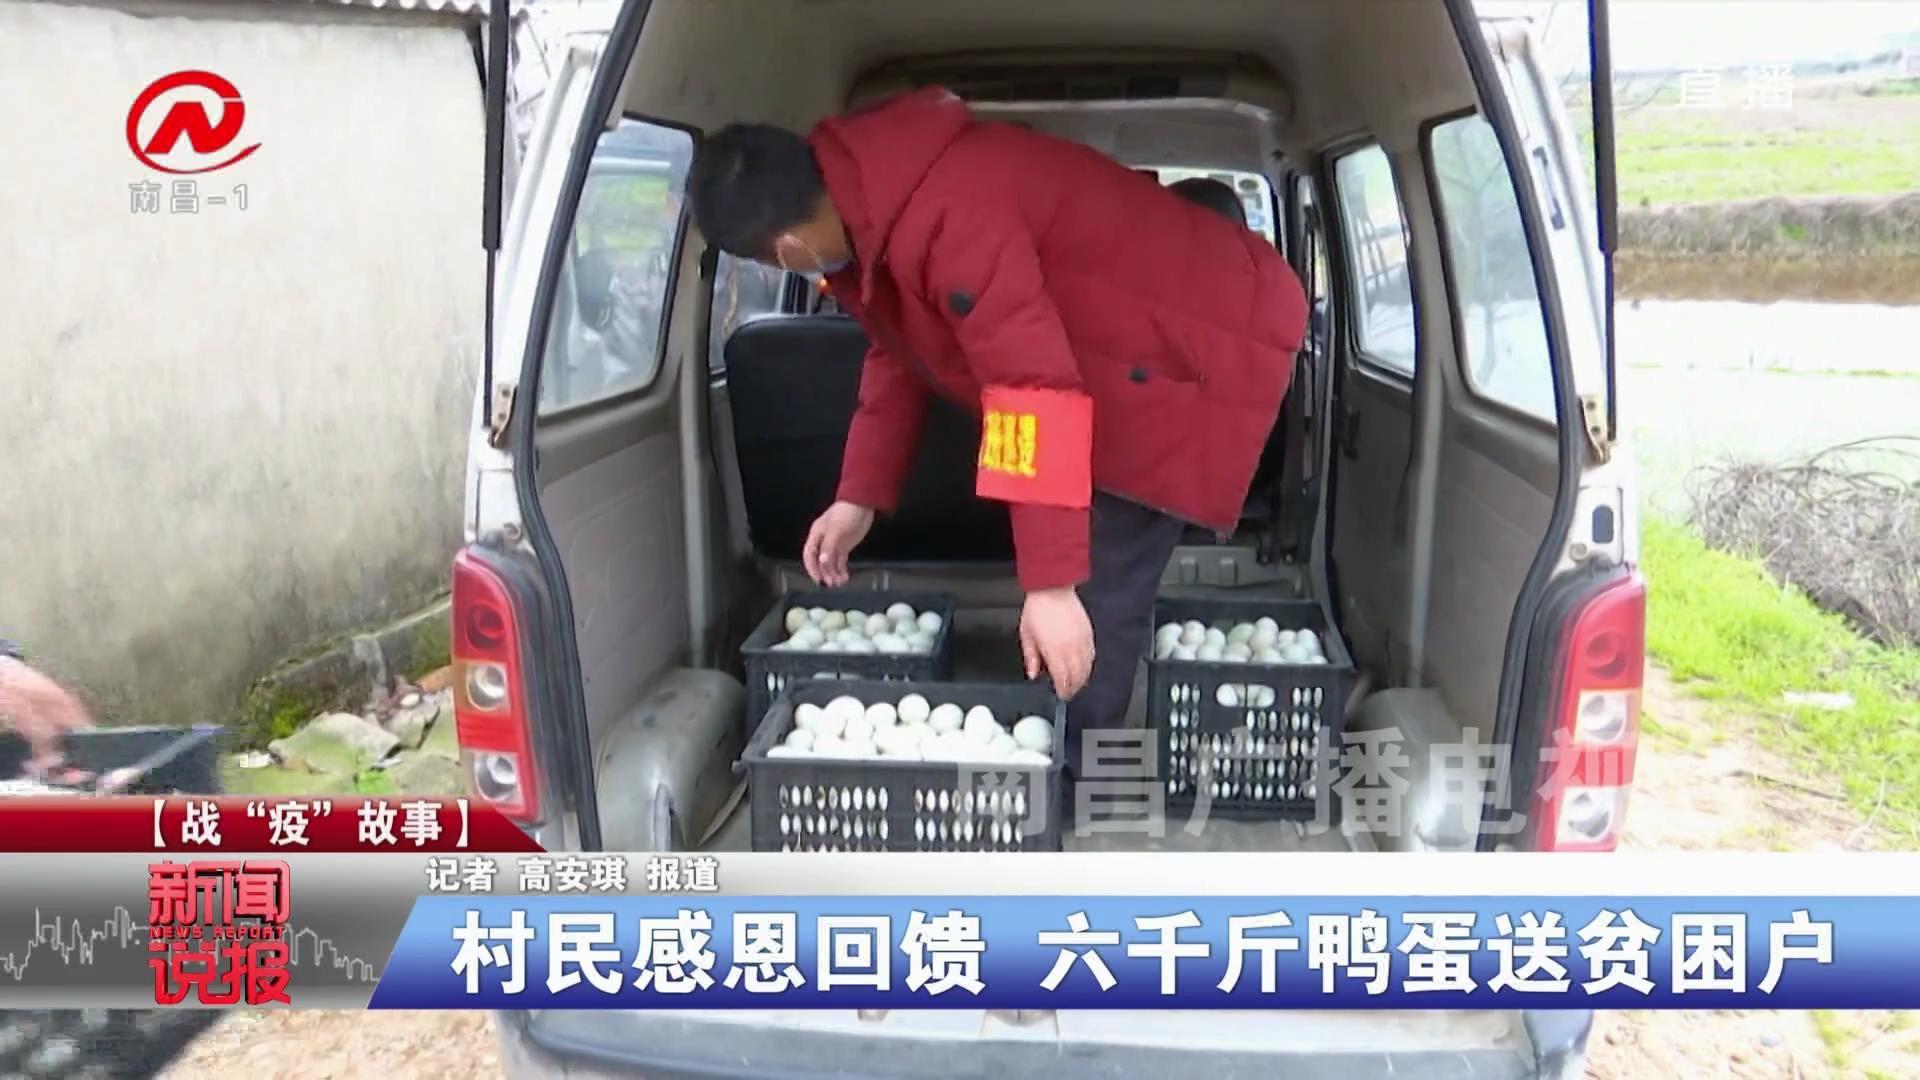 村民感恩回馈 六千斤鸭蛋送贫困户